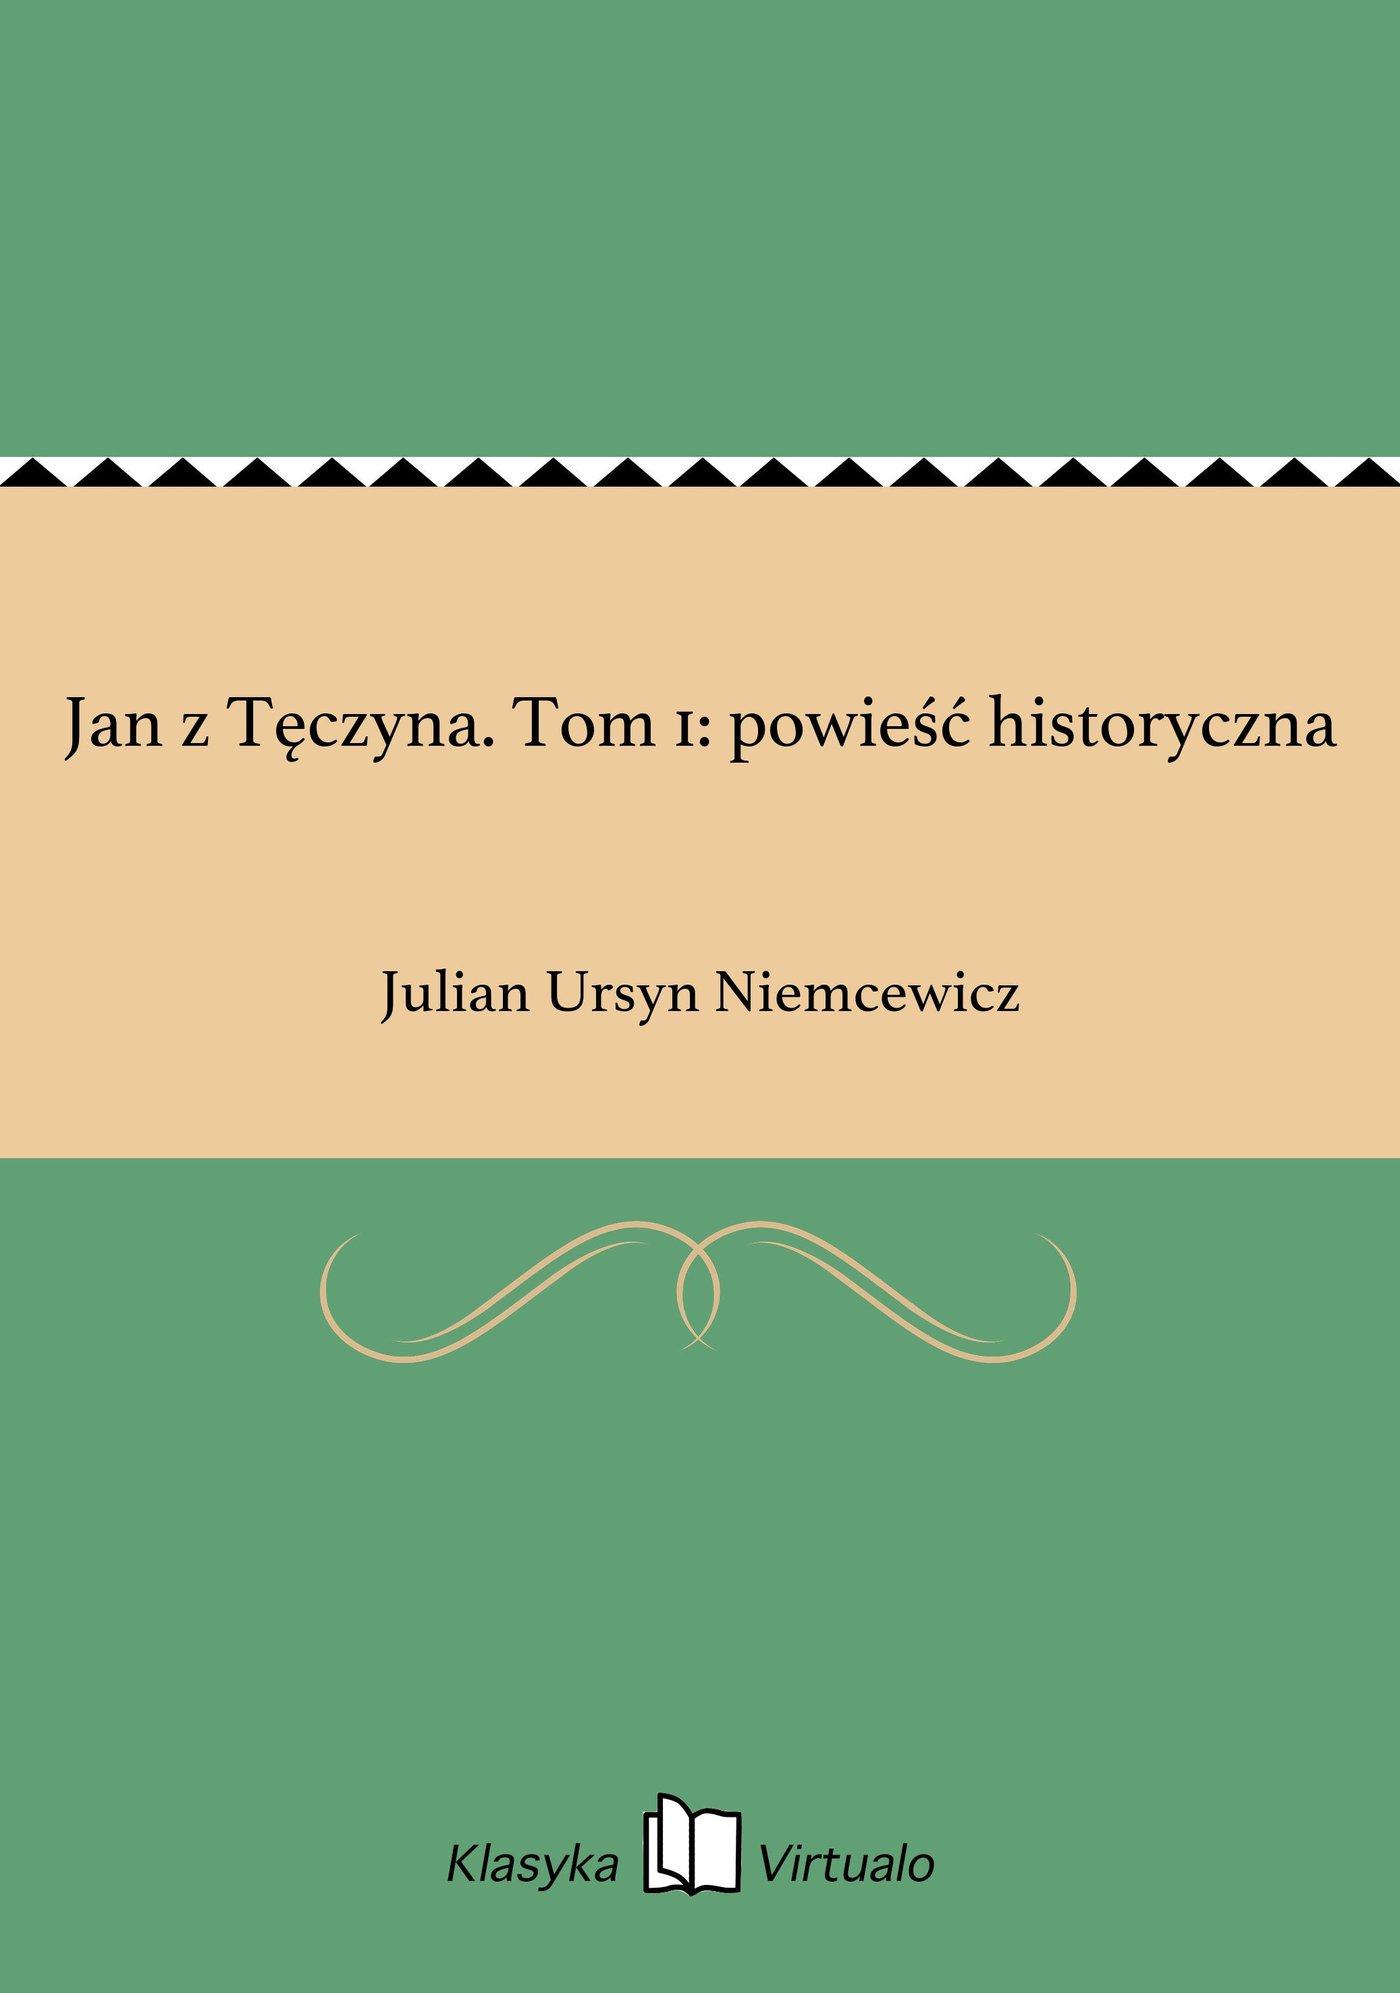 Jan z Tęczyna. Tom 1: powieść historyczna - Ebook (Książka EPUB) do pobrania w formacie EPUB